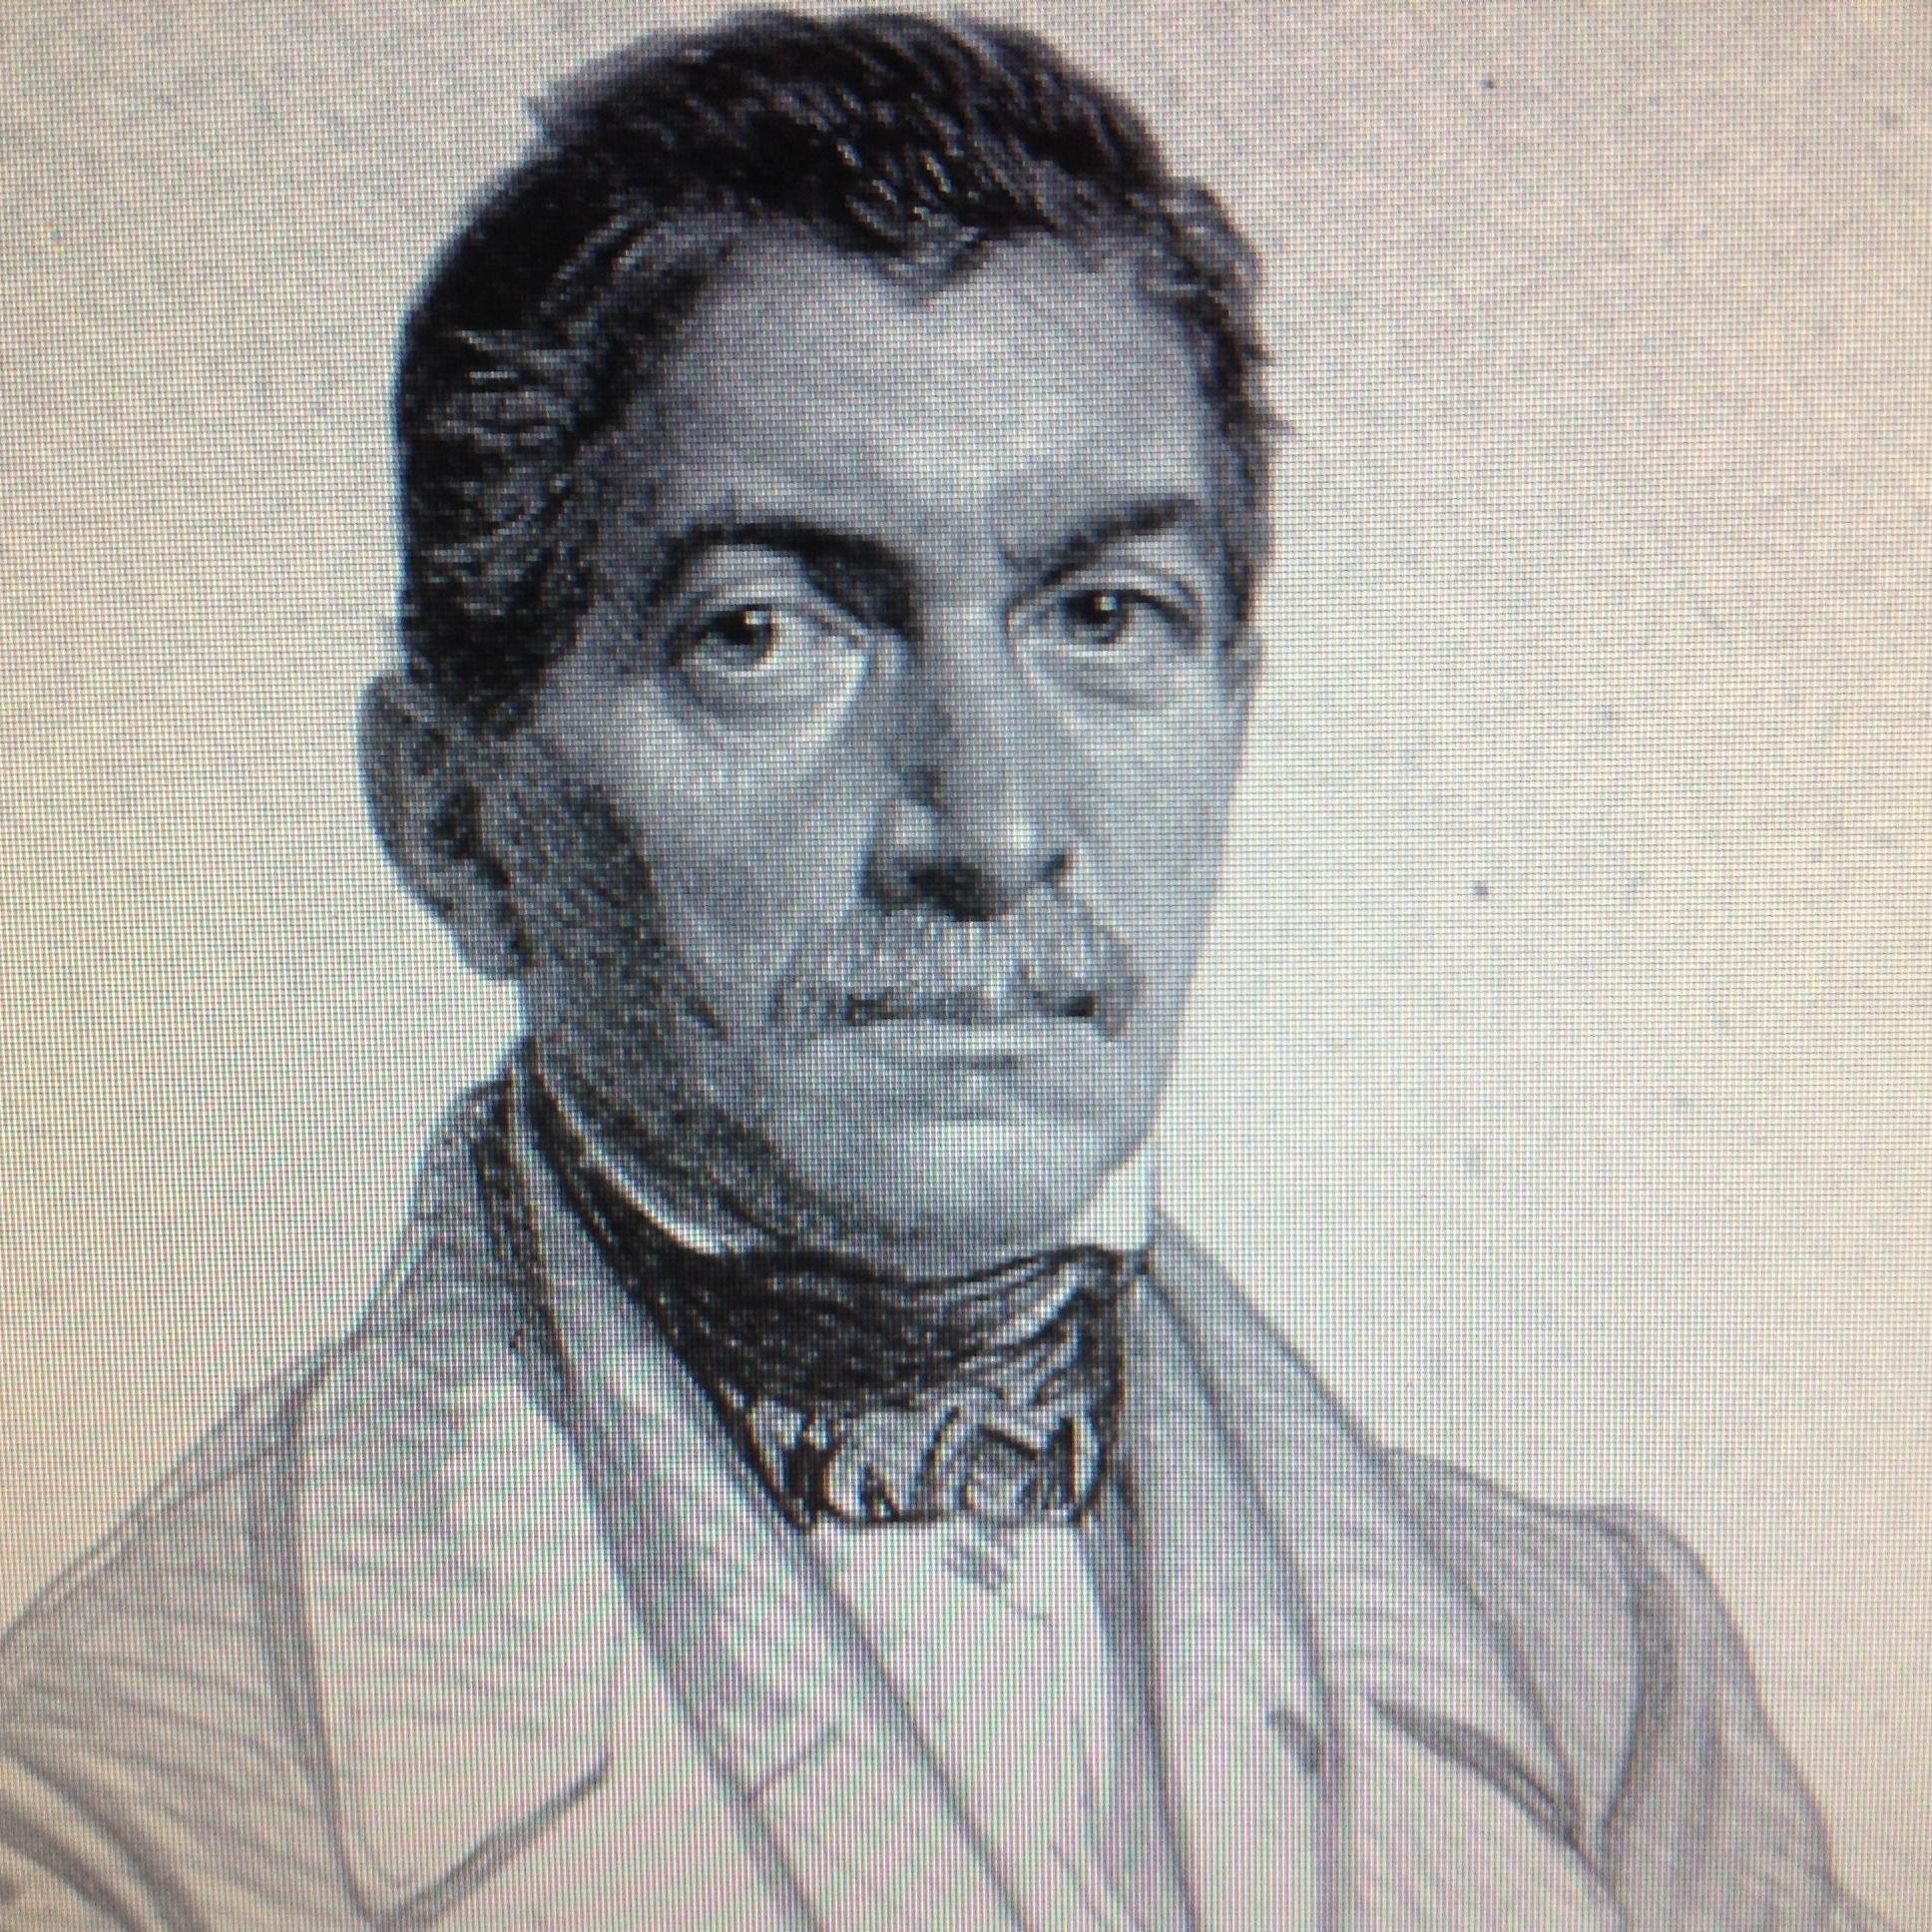 Fermín Caballero, un estudiante del siglo XIX en Alcalá de Henares